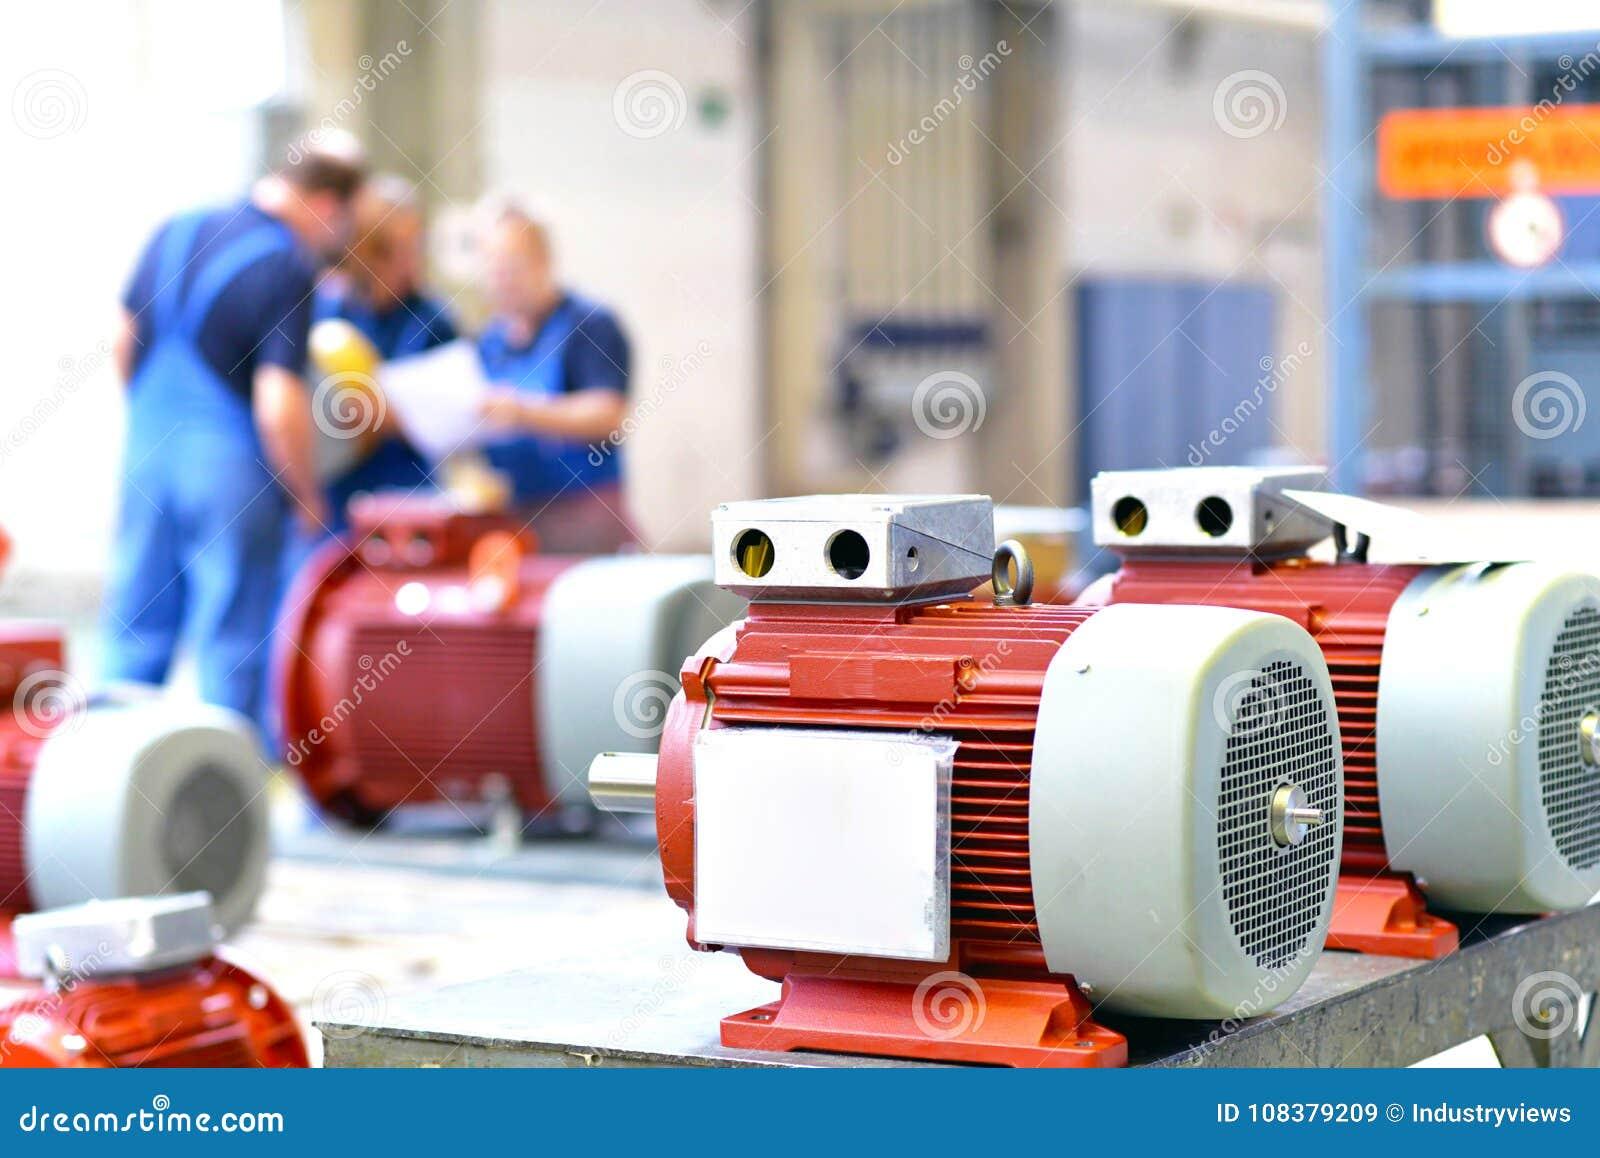 Les travailleurs dans une usine assemblent les moteurs électriques